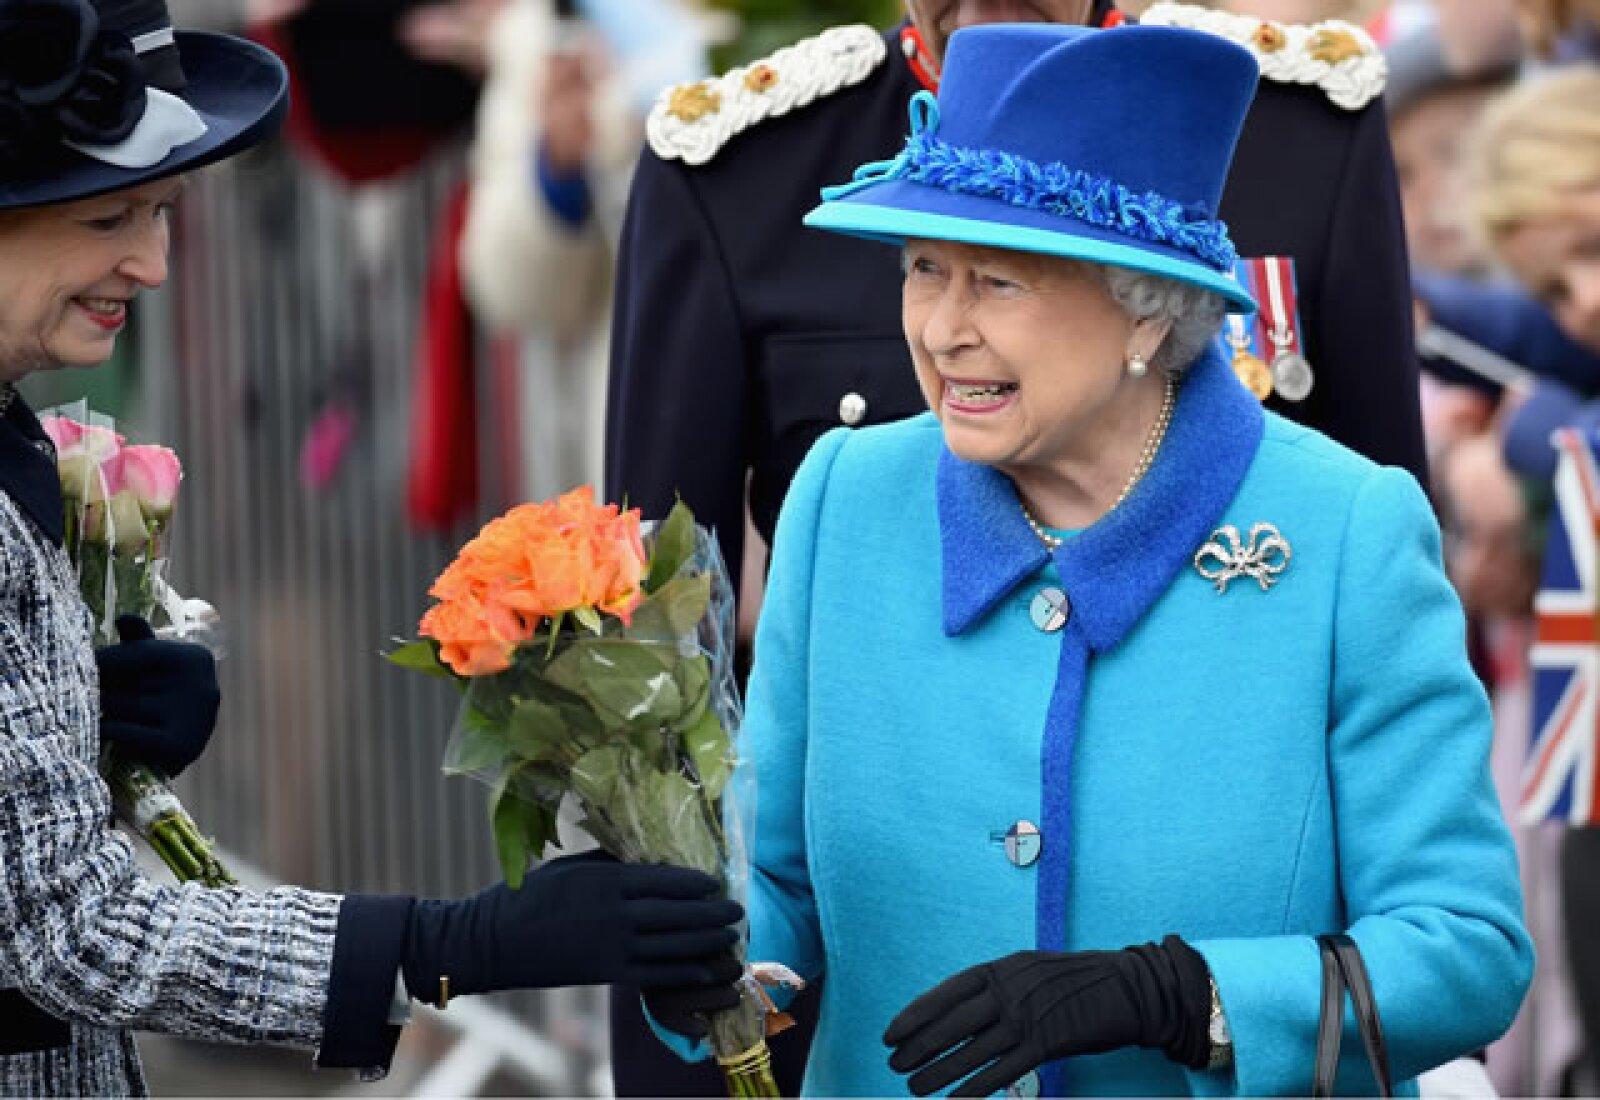 La abuela de Guillermo y Harry recibió flores de la gente que atendió al evento.